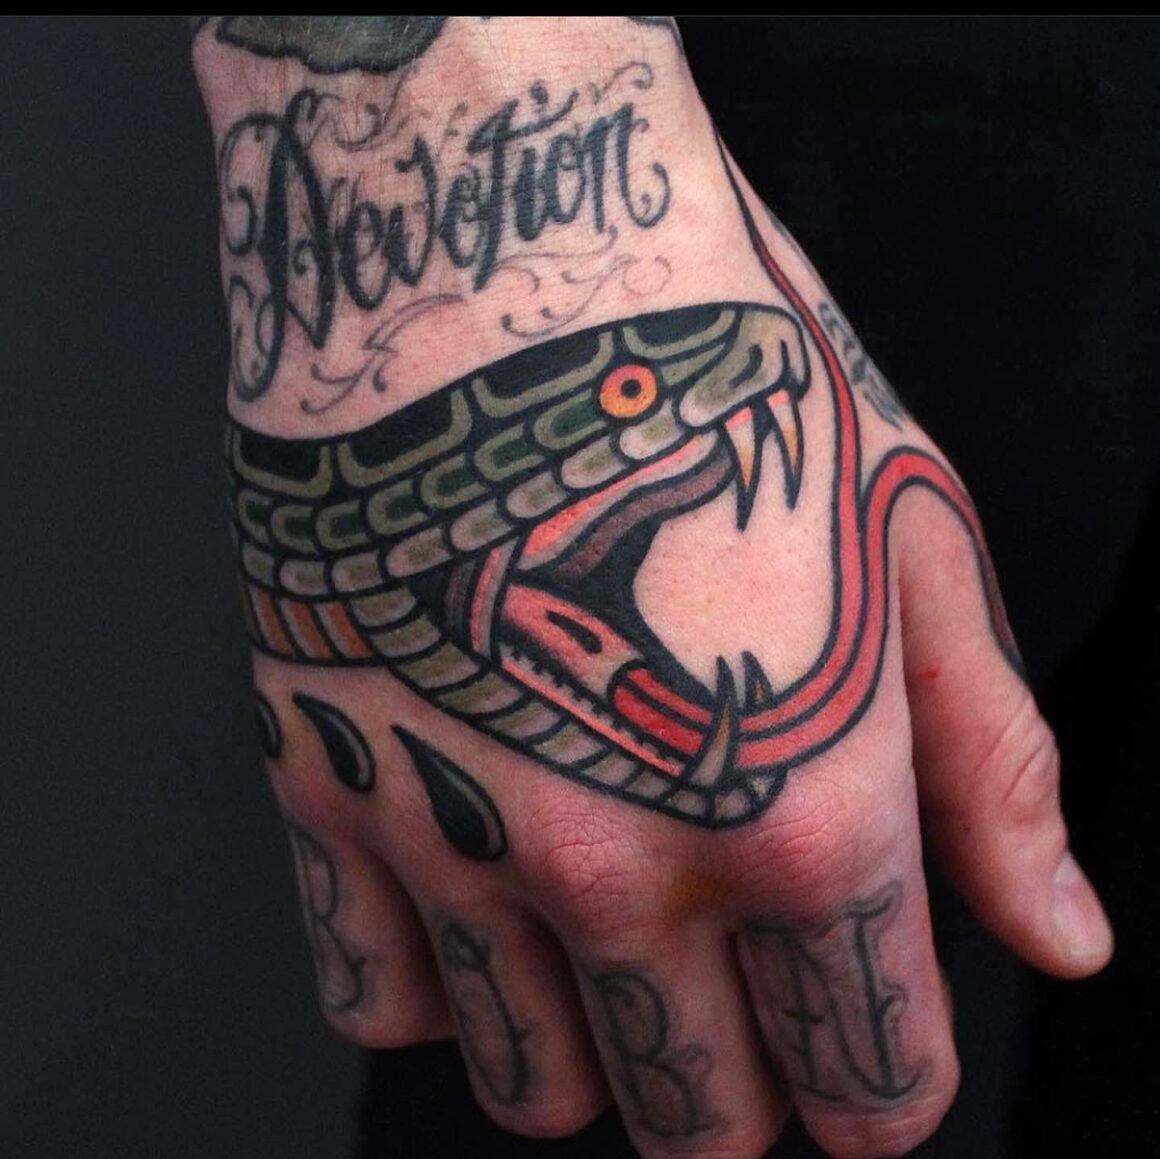 Tony Nillson, Blue Artms Tattoo, Oslo, Norway